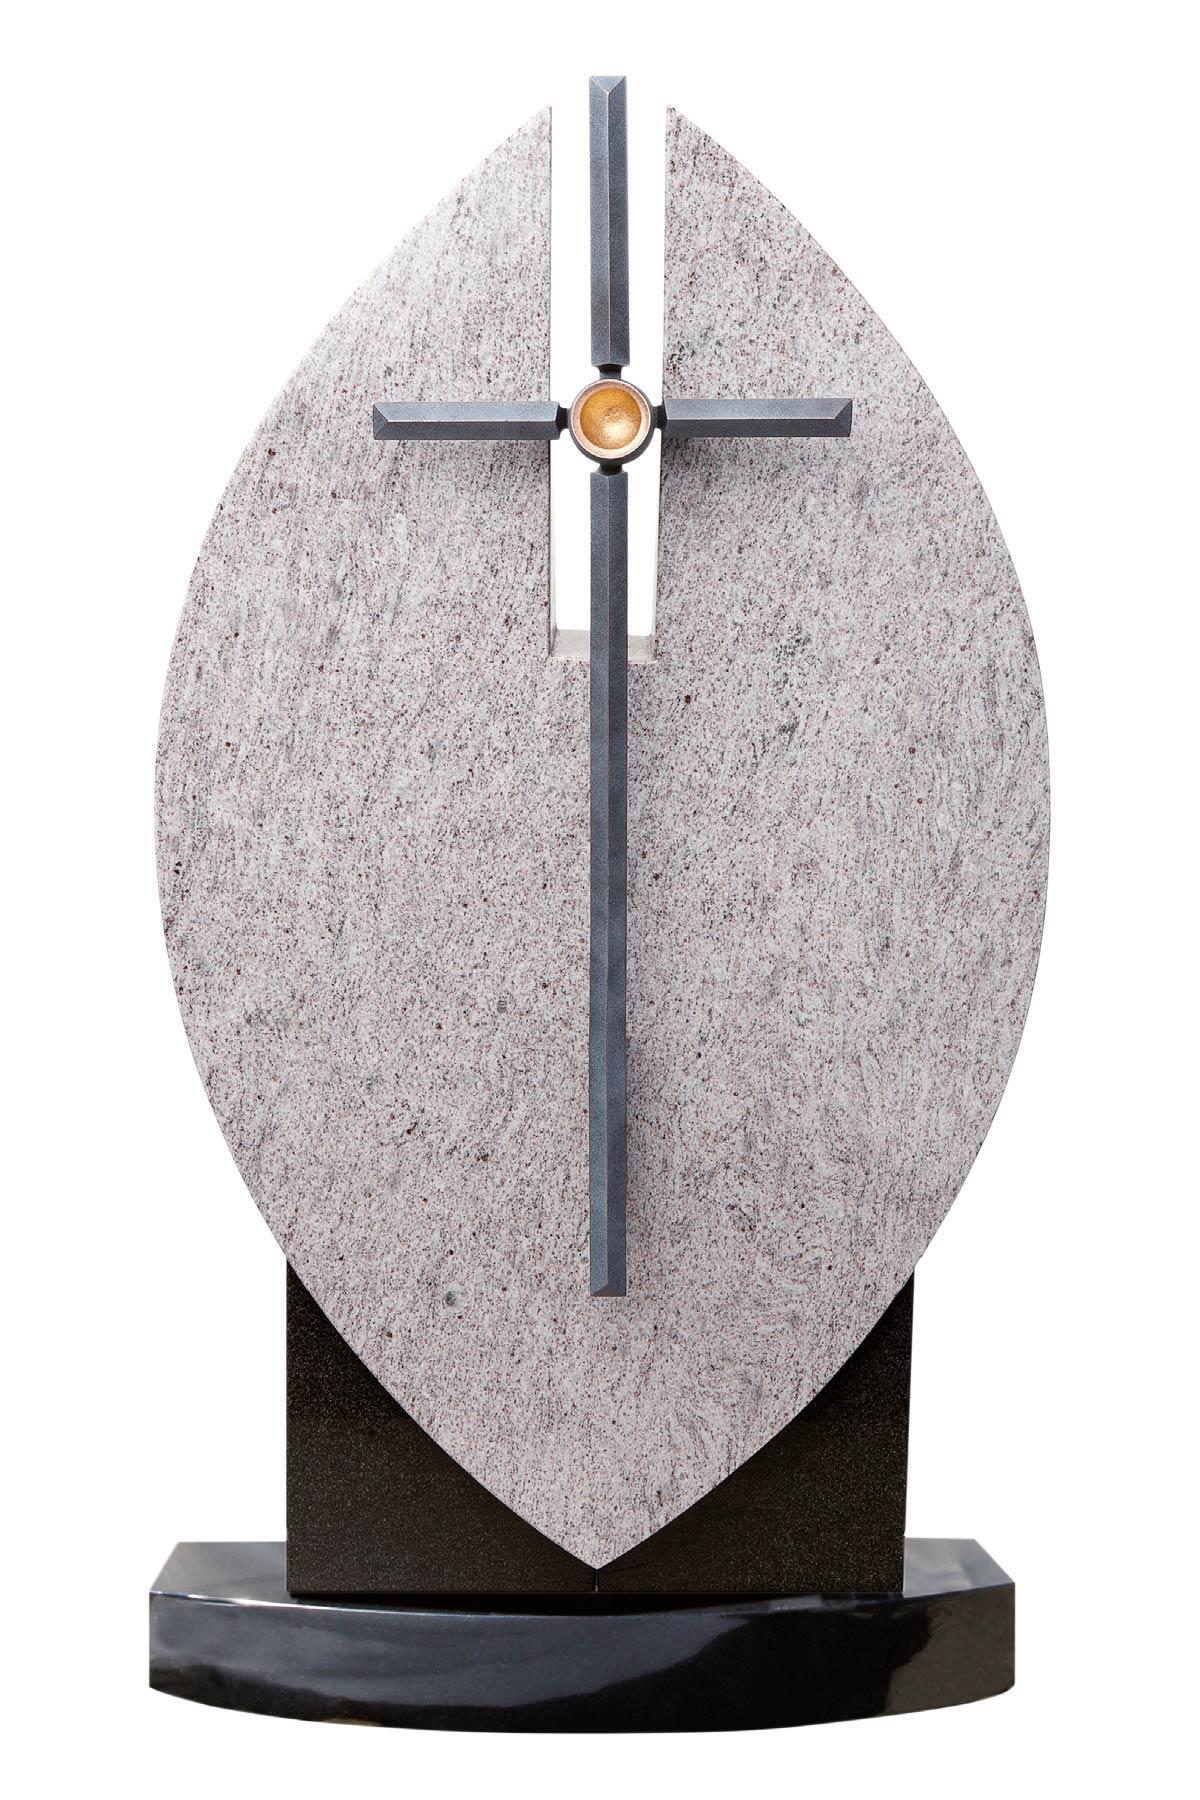 E96 Edition Mandoria